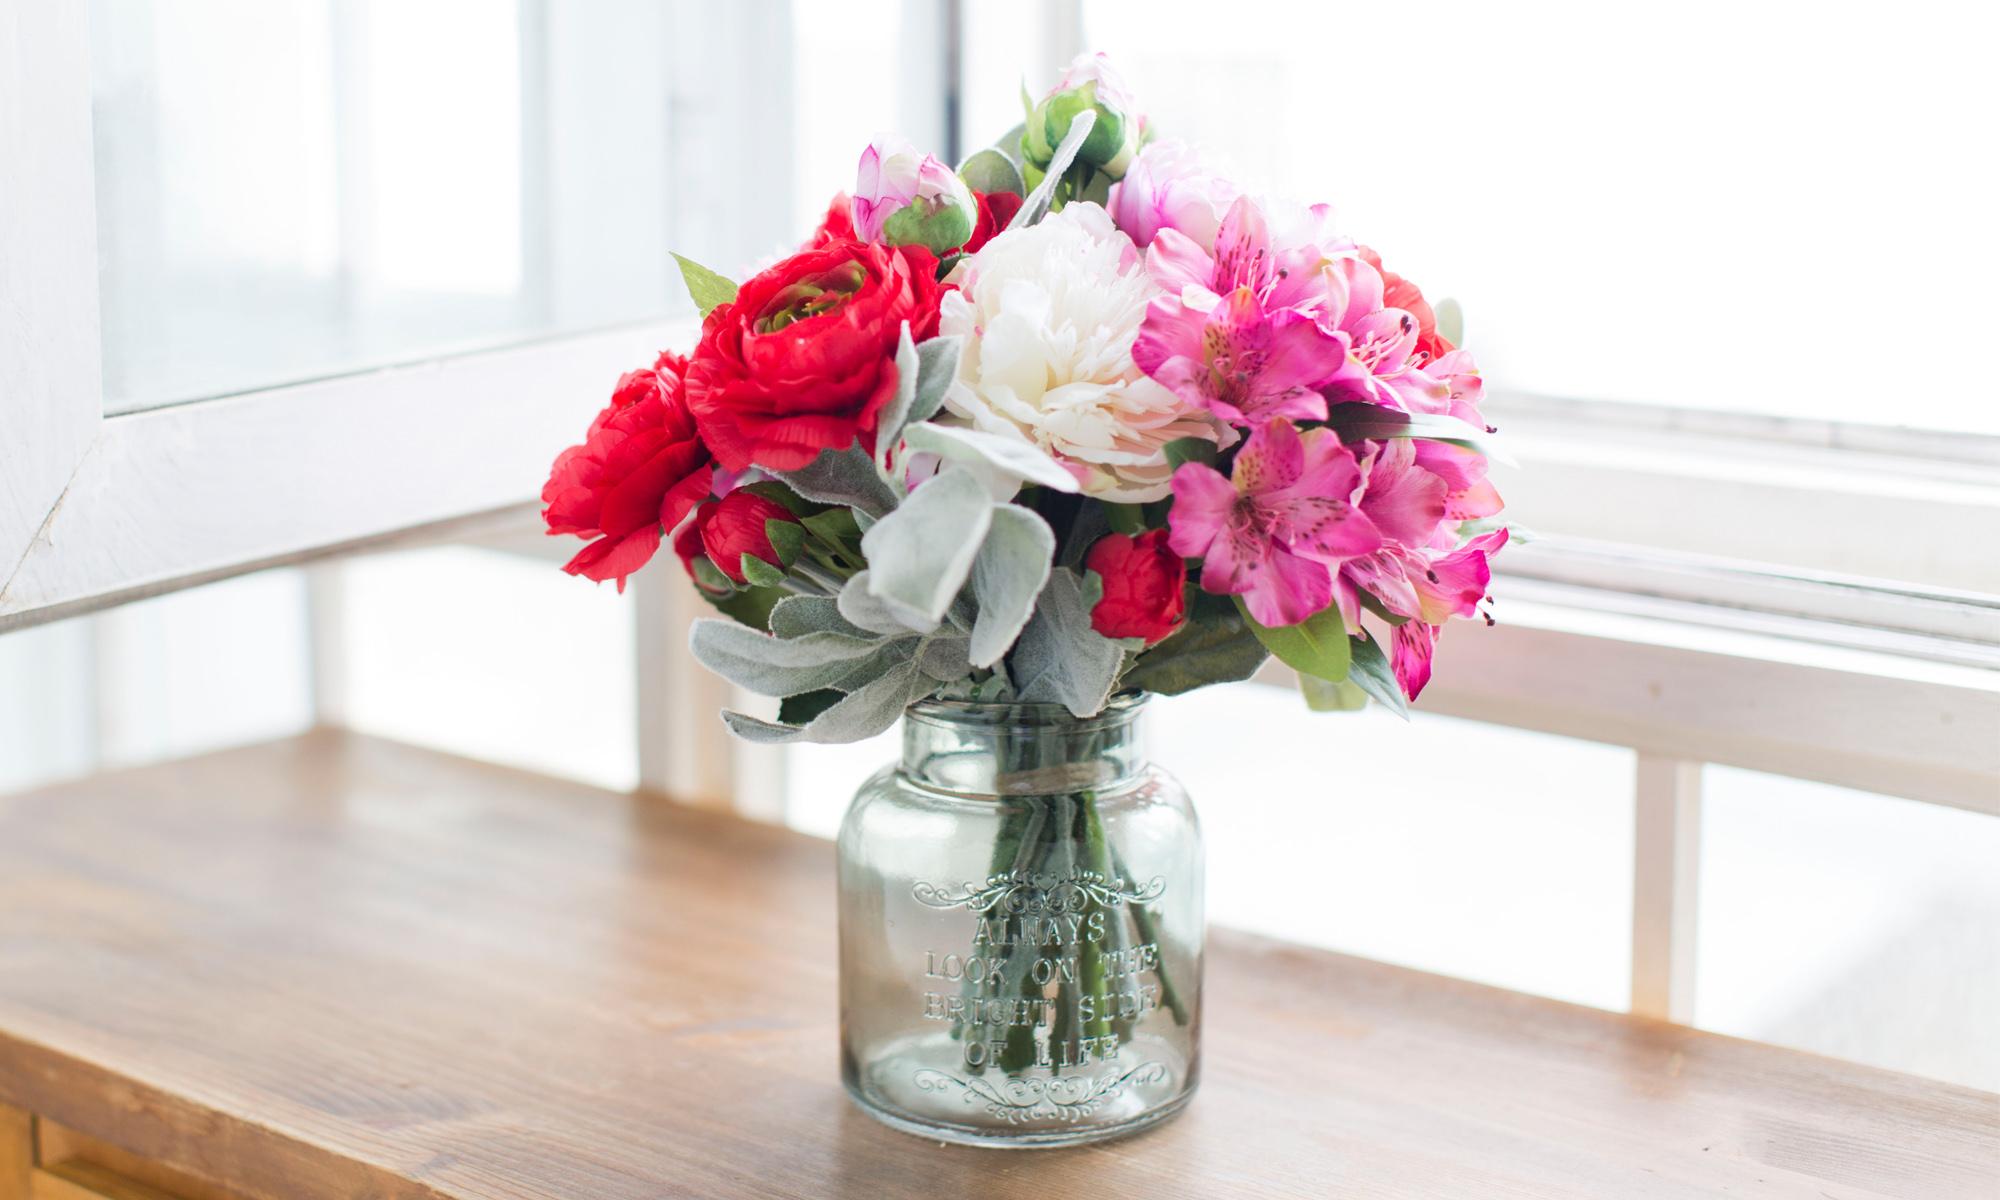 Купить Композиция из искусственных цветов - алые ранункулюсы, пионы, садовые розы, inmyroom, Россия